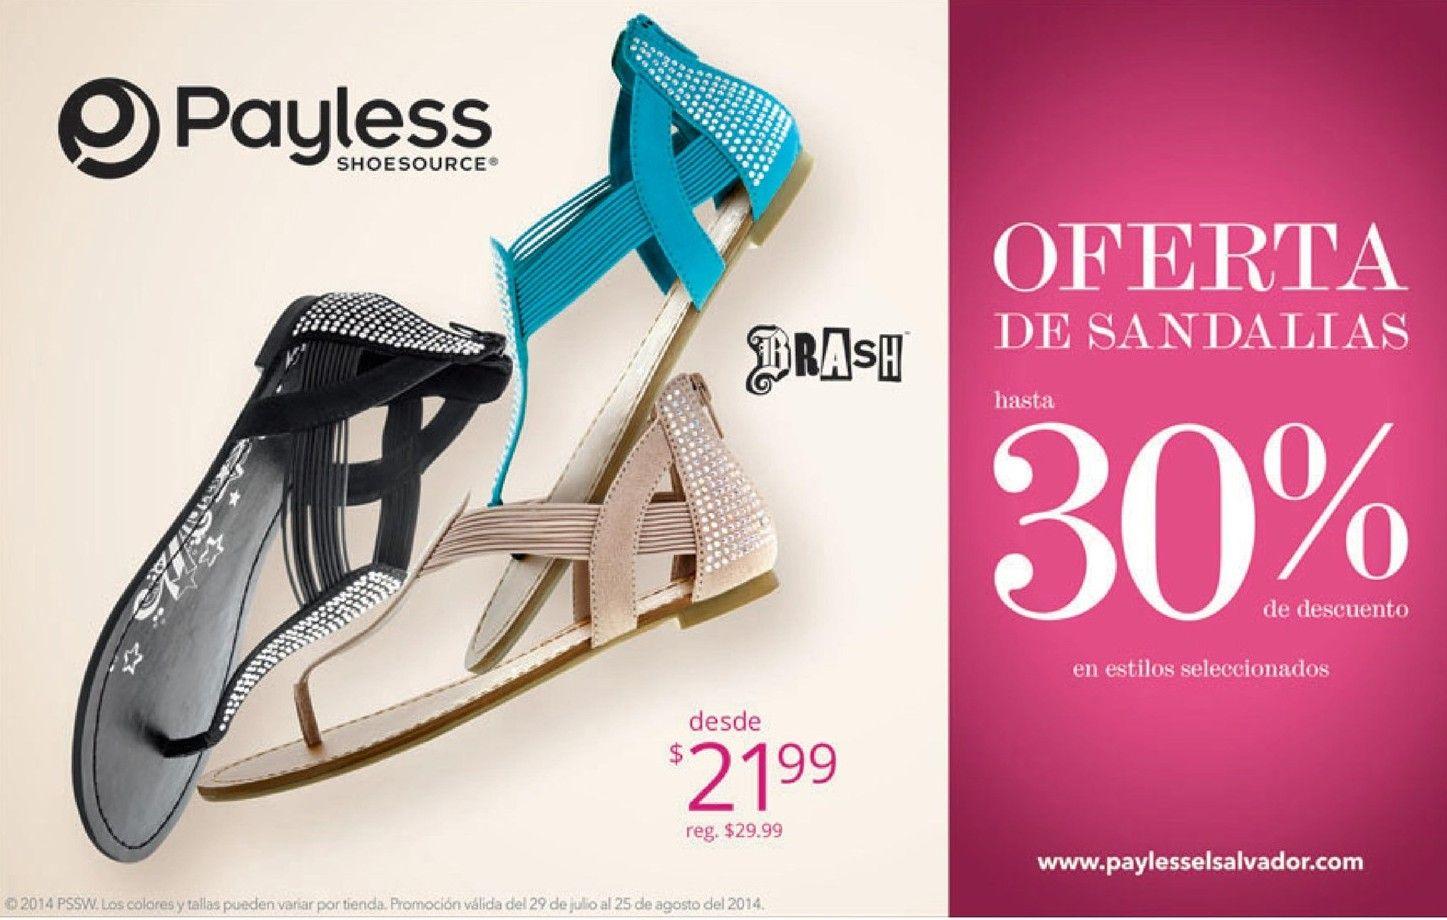 Payless discounts sandalias para damas http://www.ofertasahora.com ...